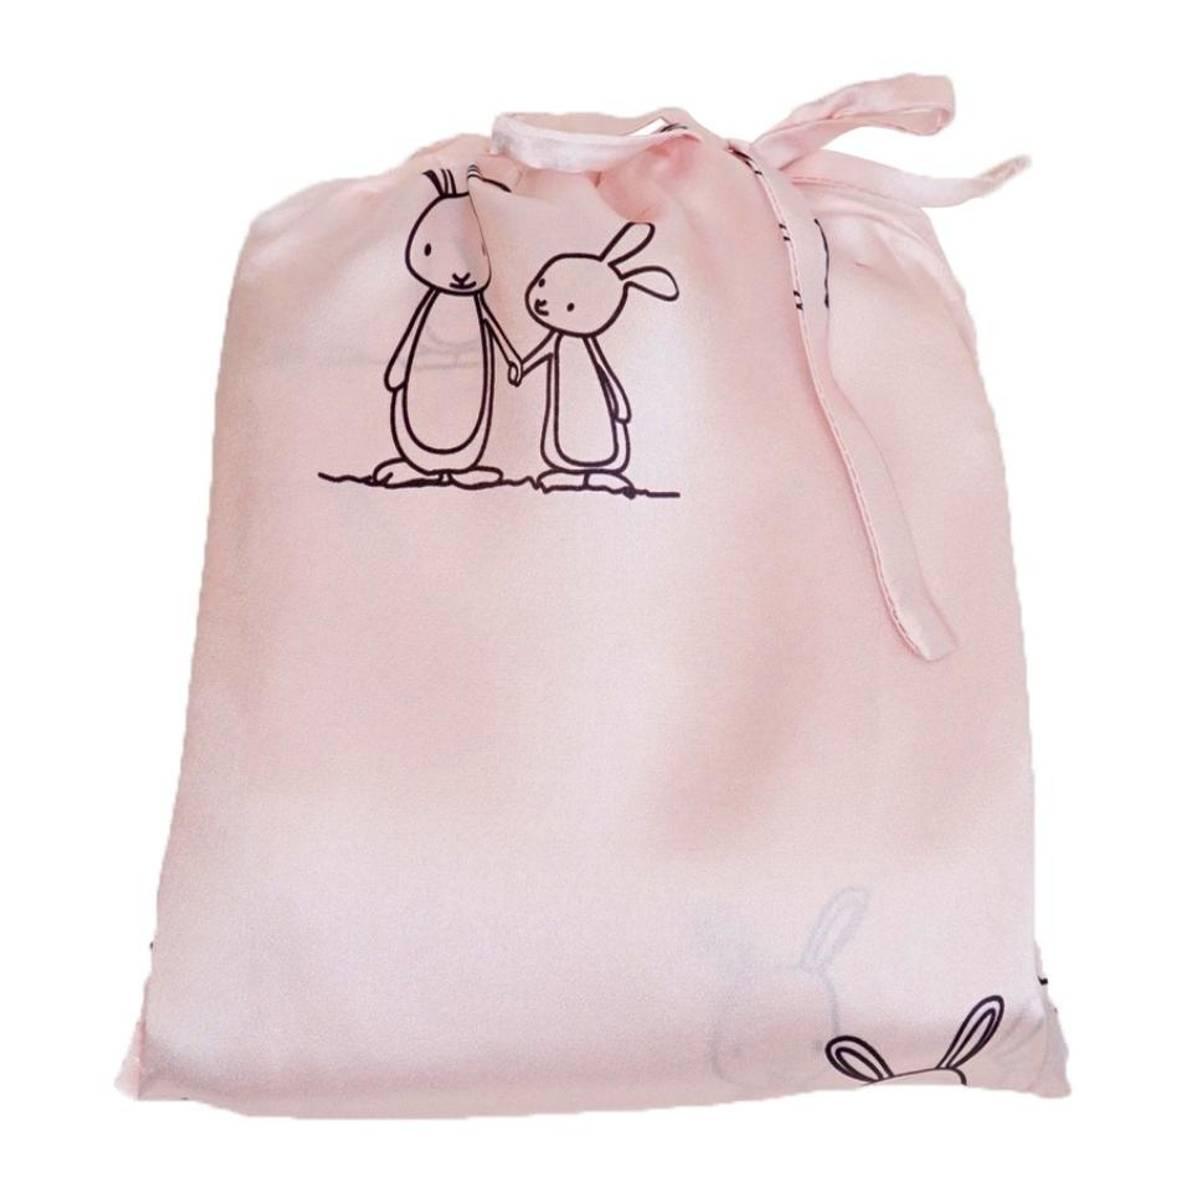 Sengett til barn i silke - lys rosa